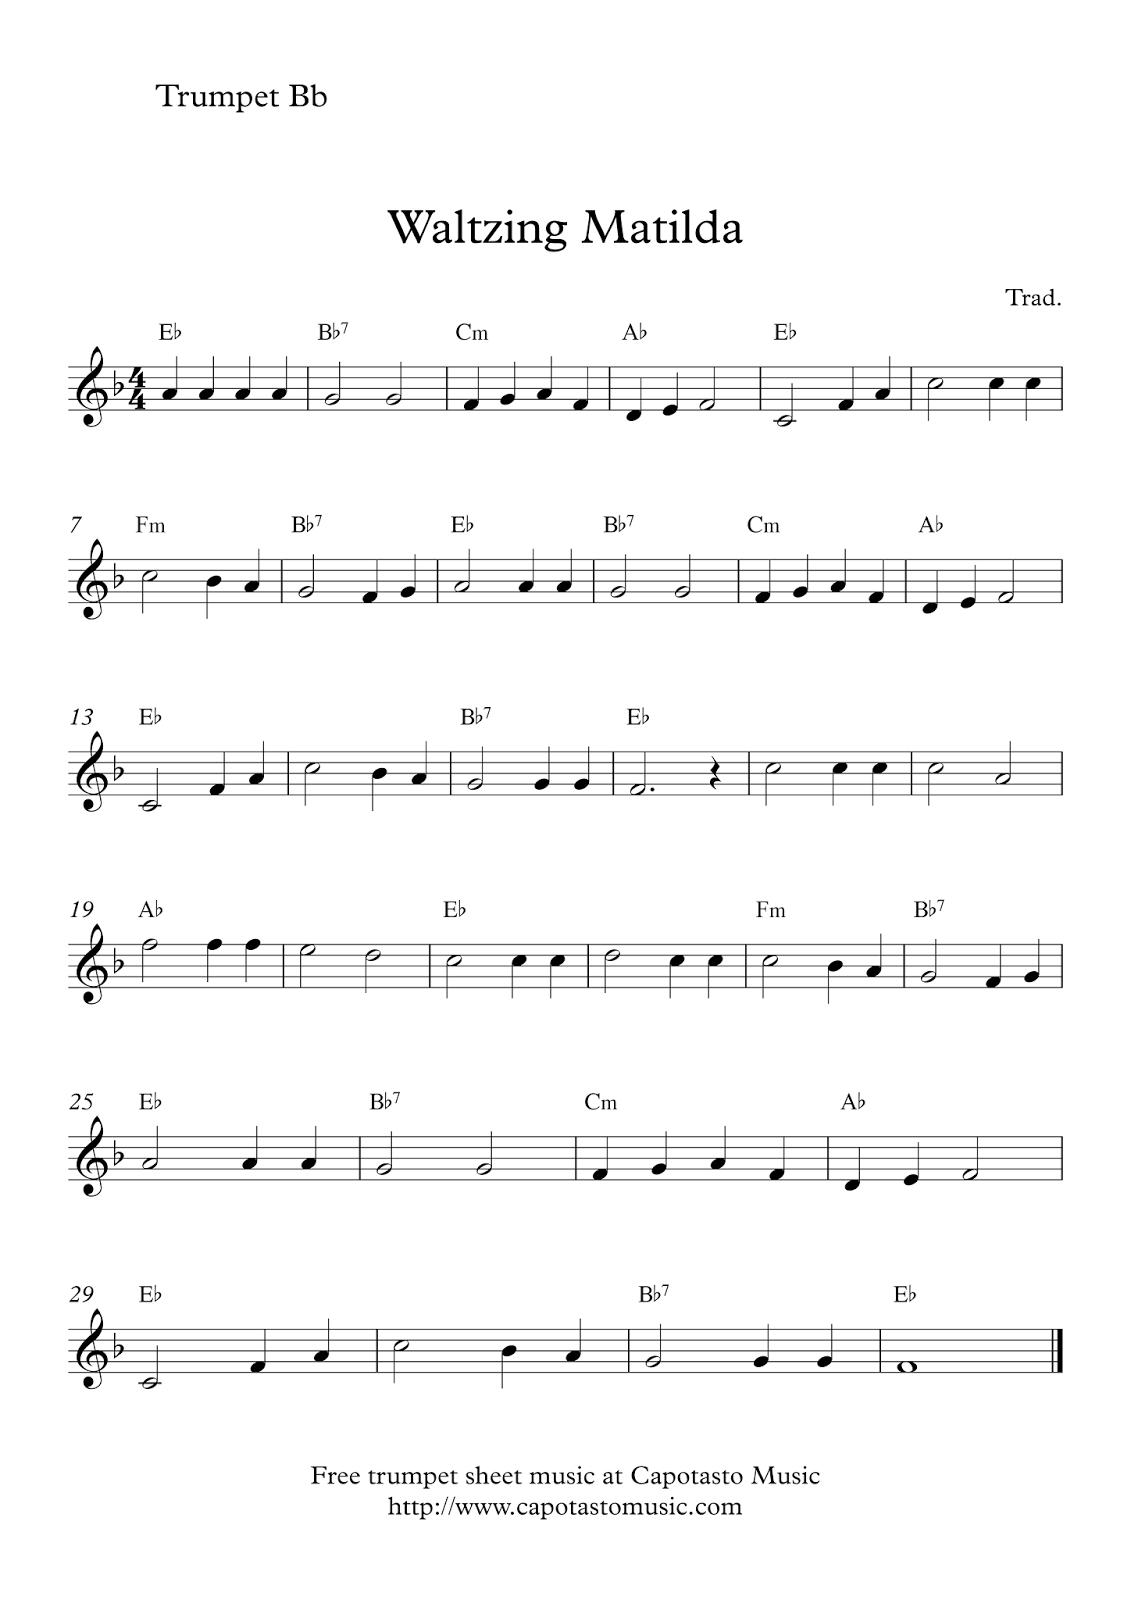 Free Trumpet Sheet Music   Waltzing Matilda - Free Printable Sheet Music For Trumpet